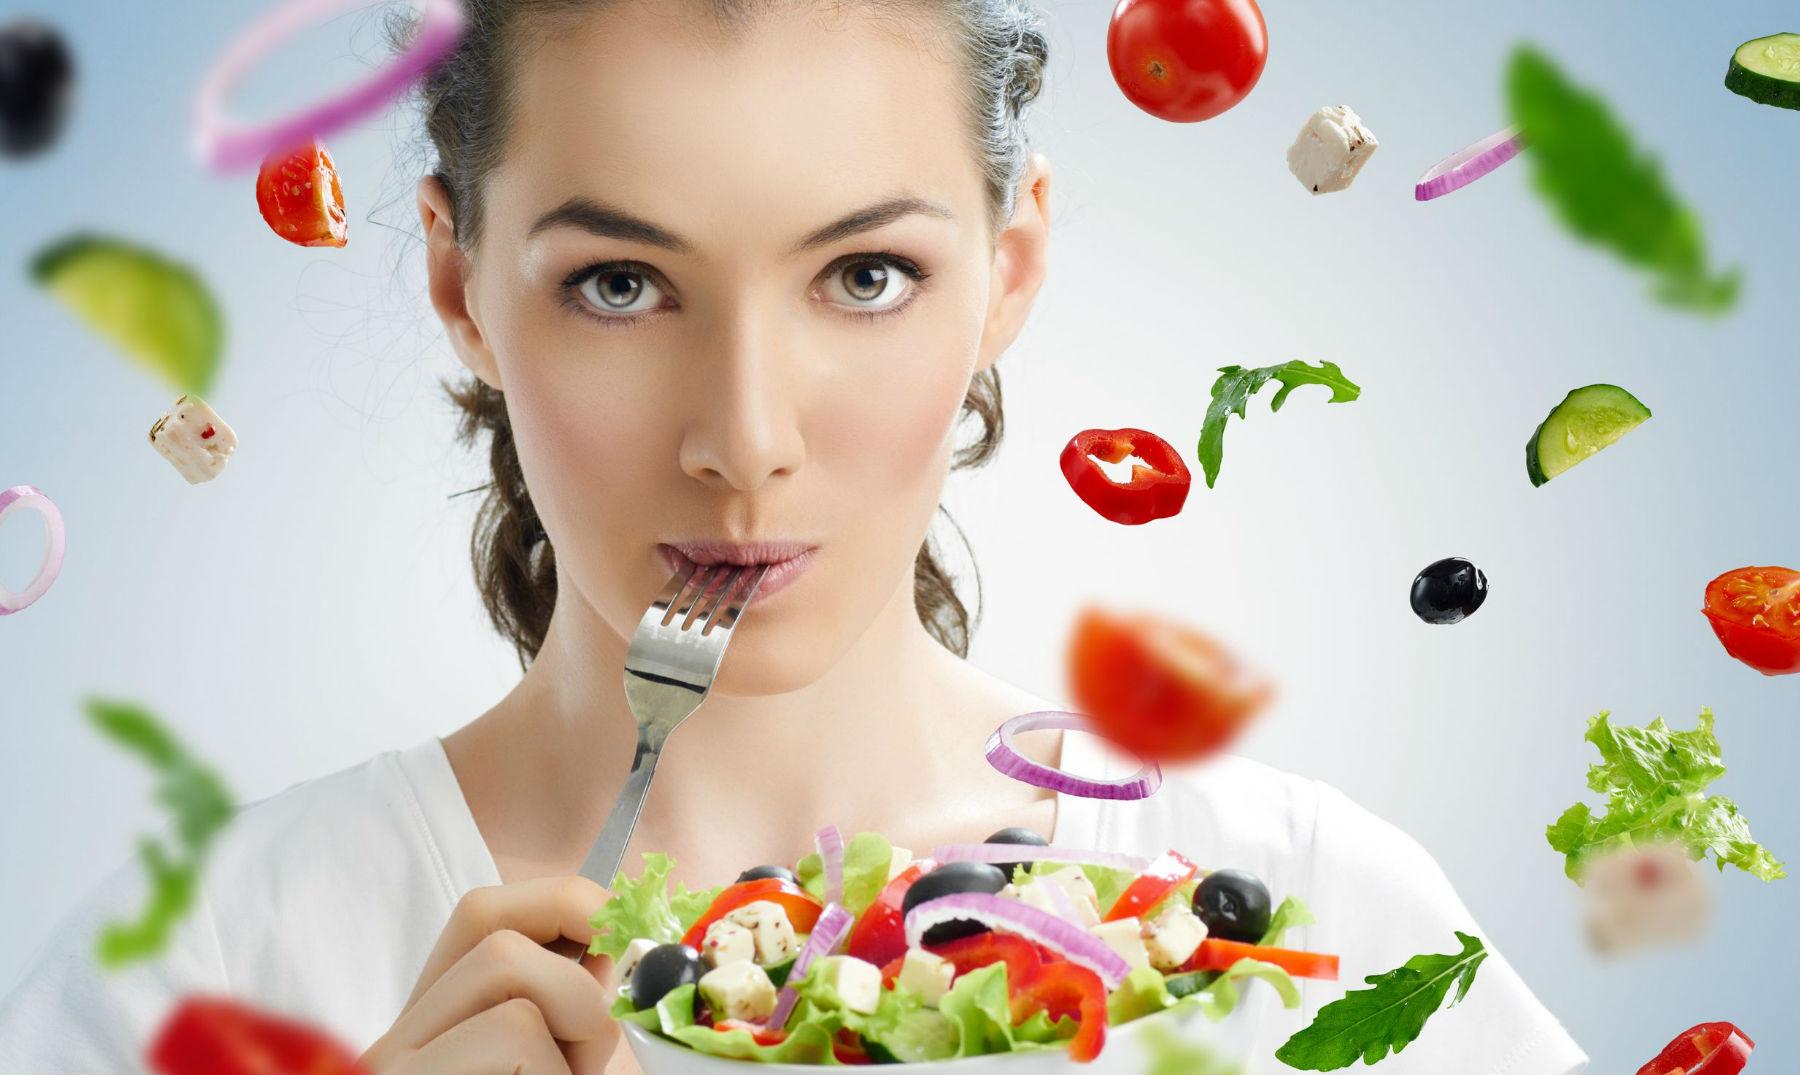 Descubre la dieta contra la depresi n que ha resultado eficaz - Alimentos contra depresion ...